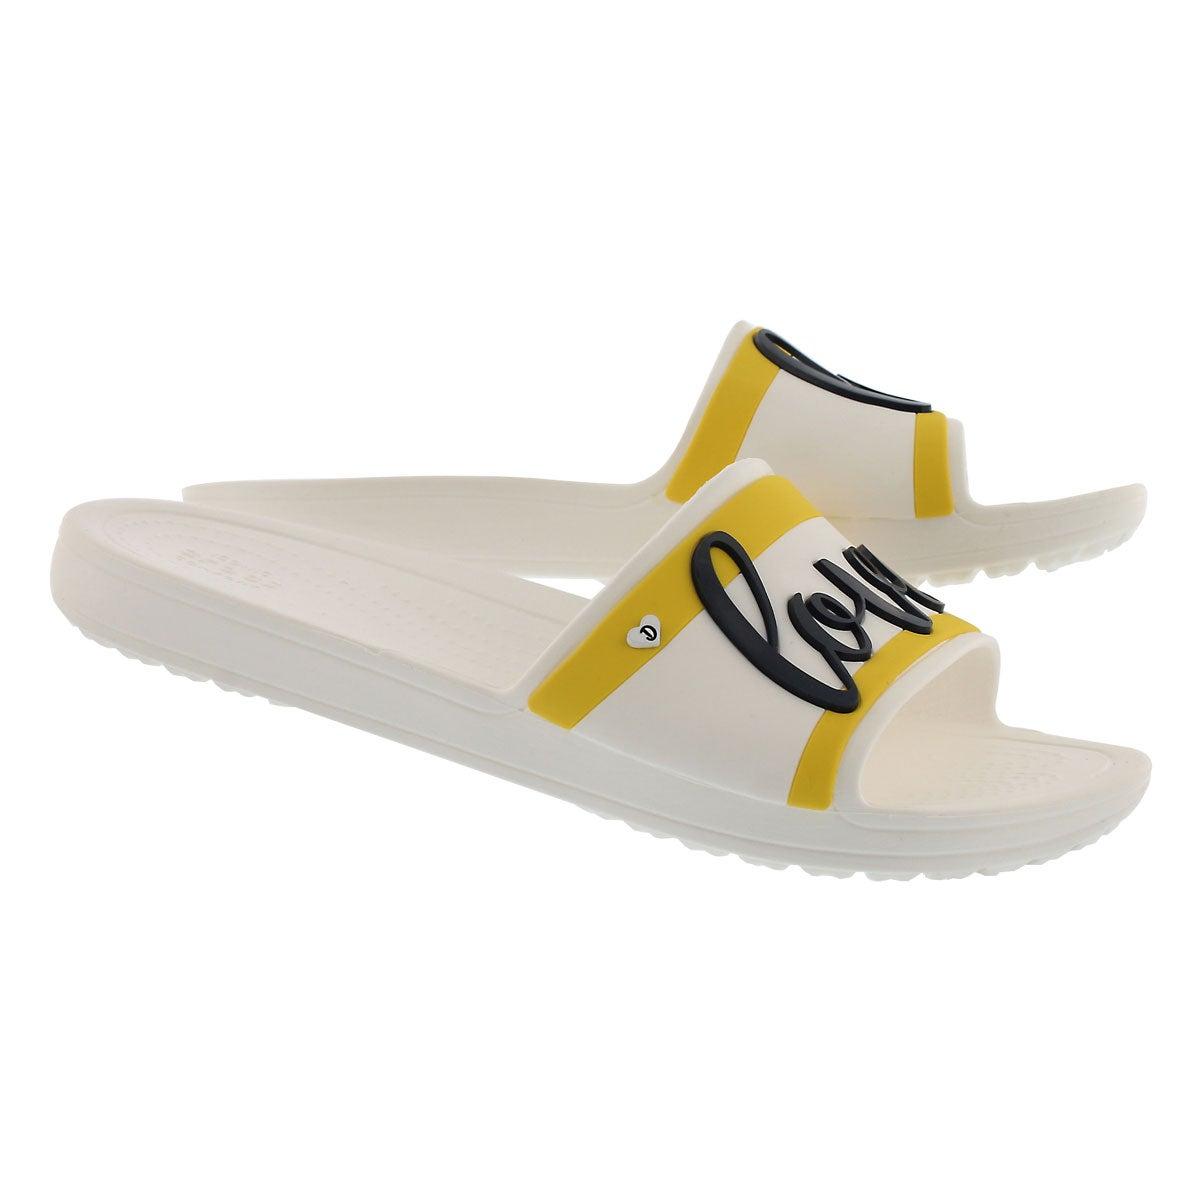 Lds Drew Sloane Slide wht/blk sandal